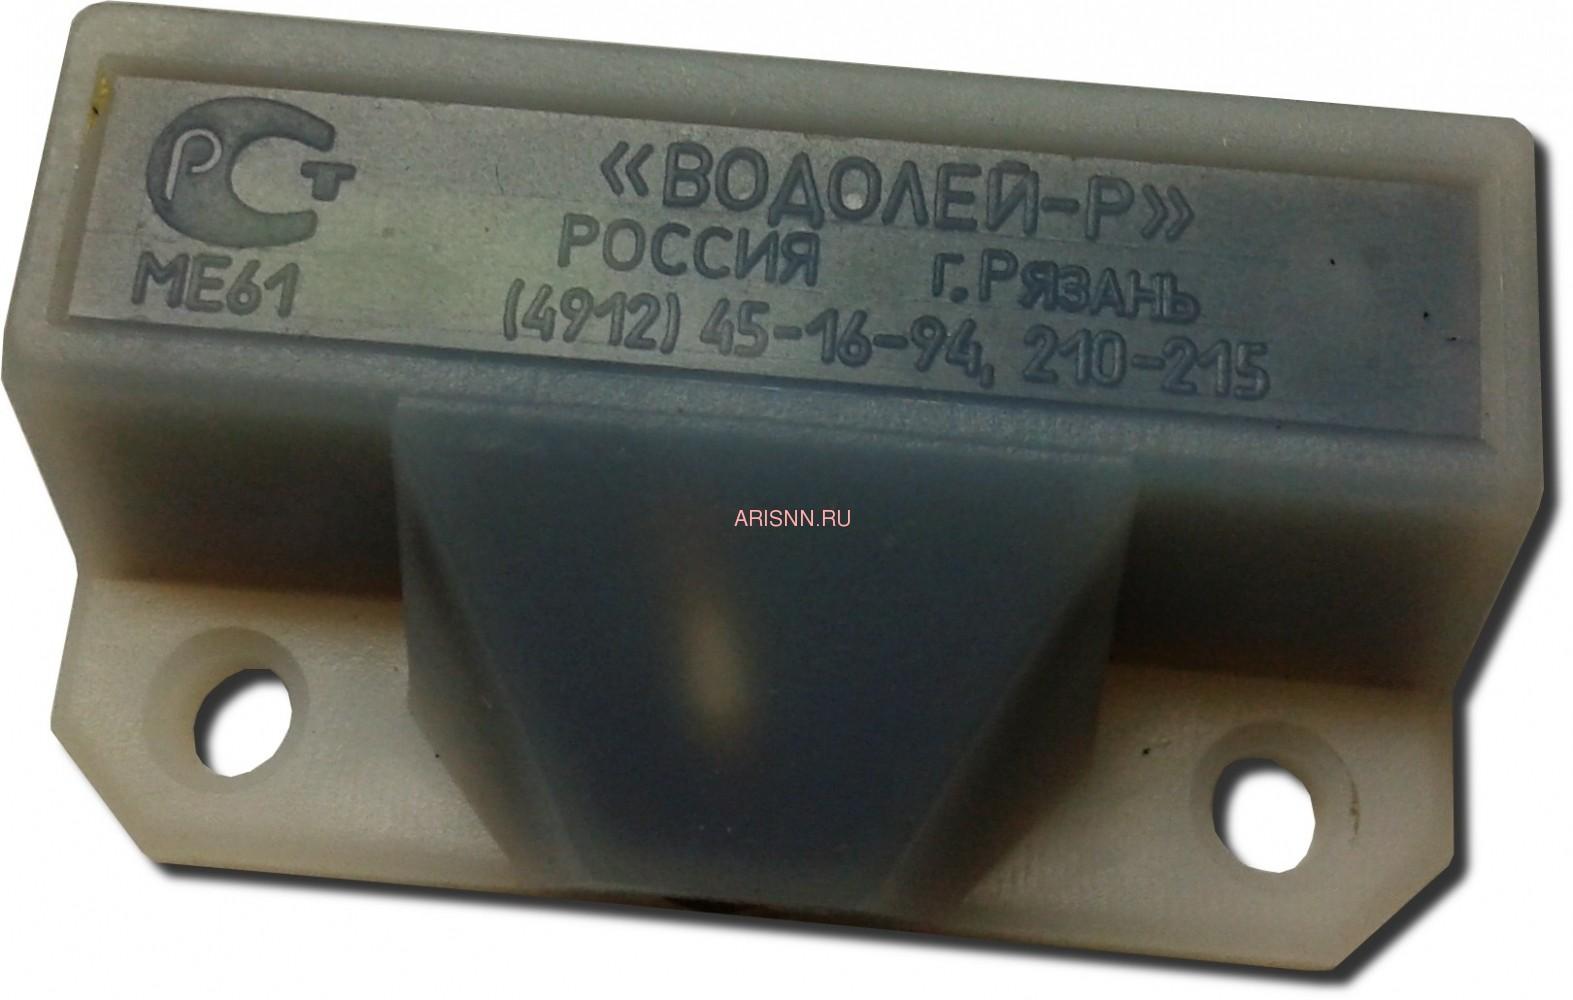 Датчик утечки воды Водолей-Р - 1